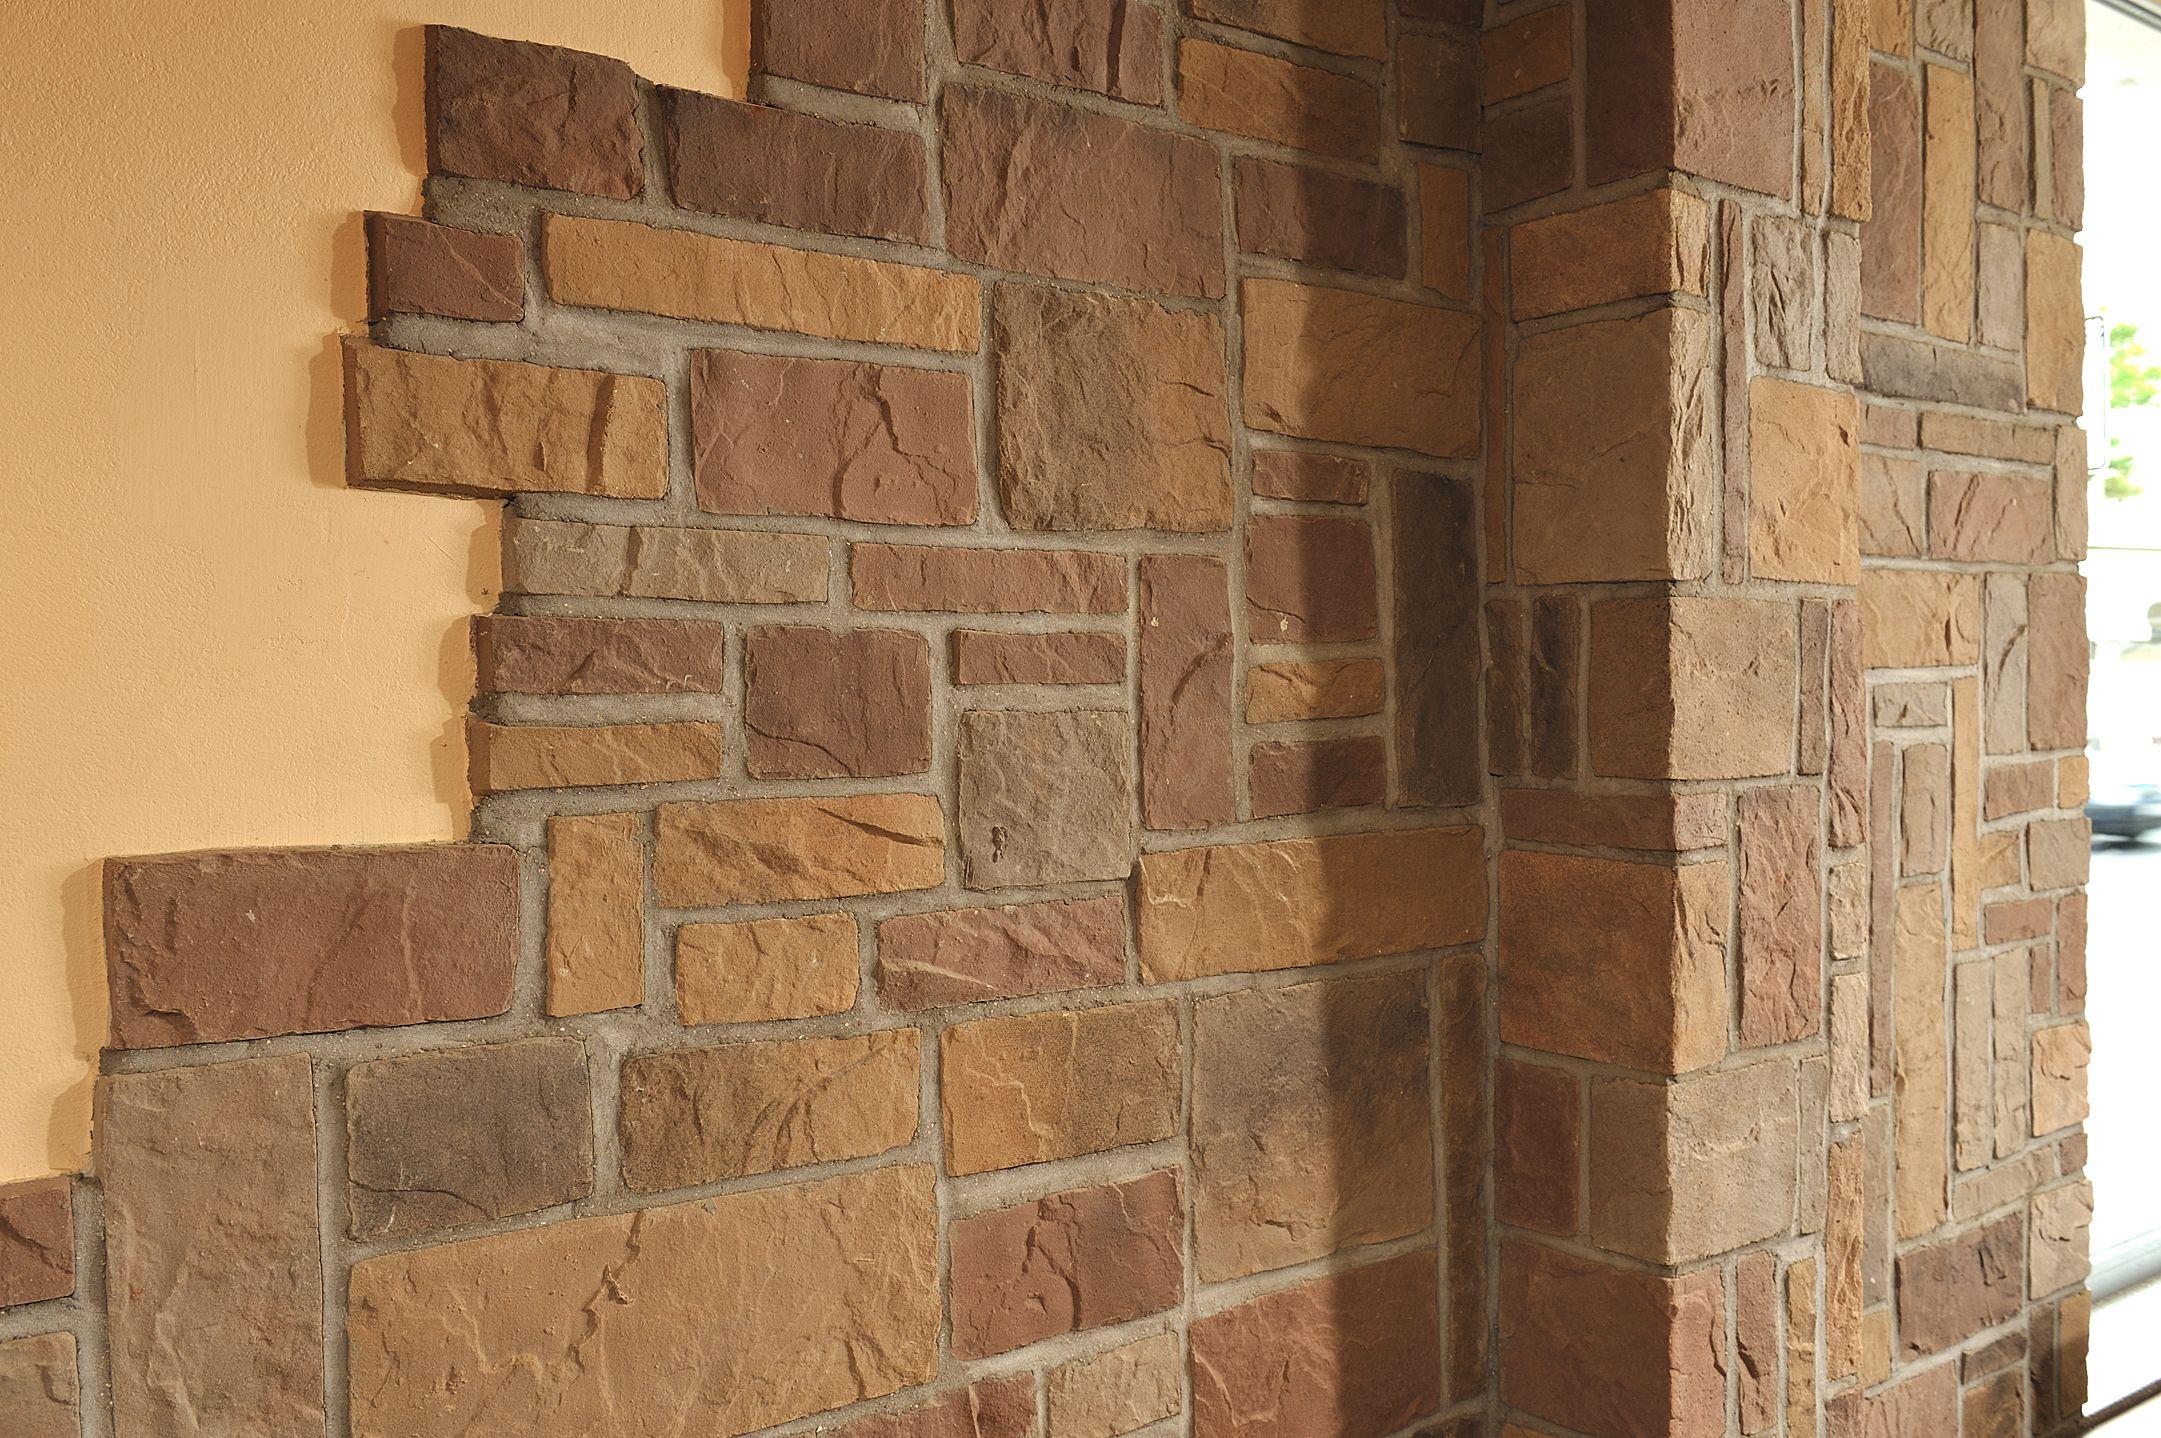 Die wandverblender der linie murok rustic von de ryck by weser sind durch ihre form und - Wandgestaltung stein ...